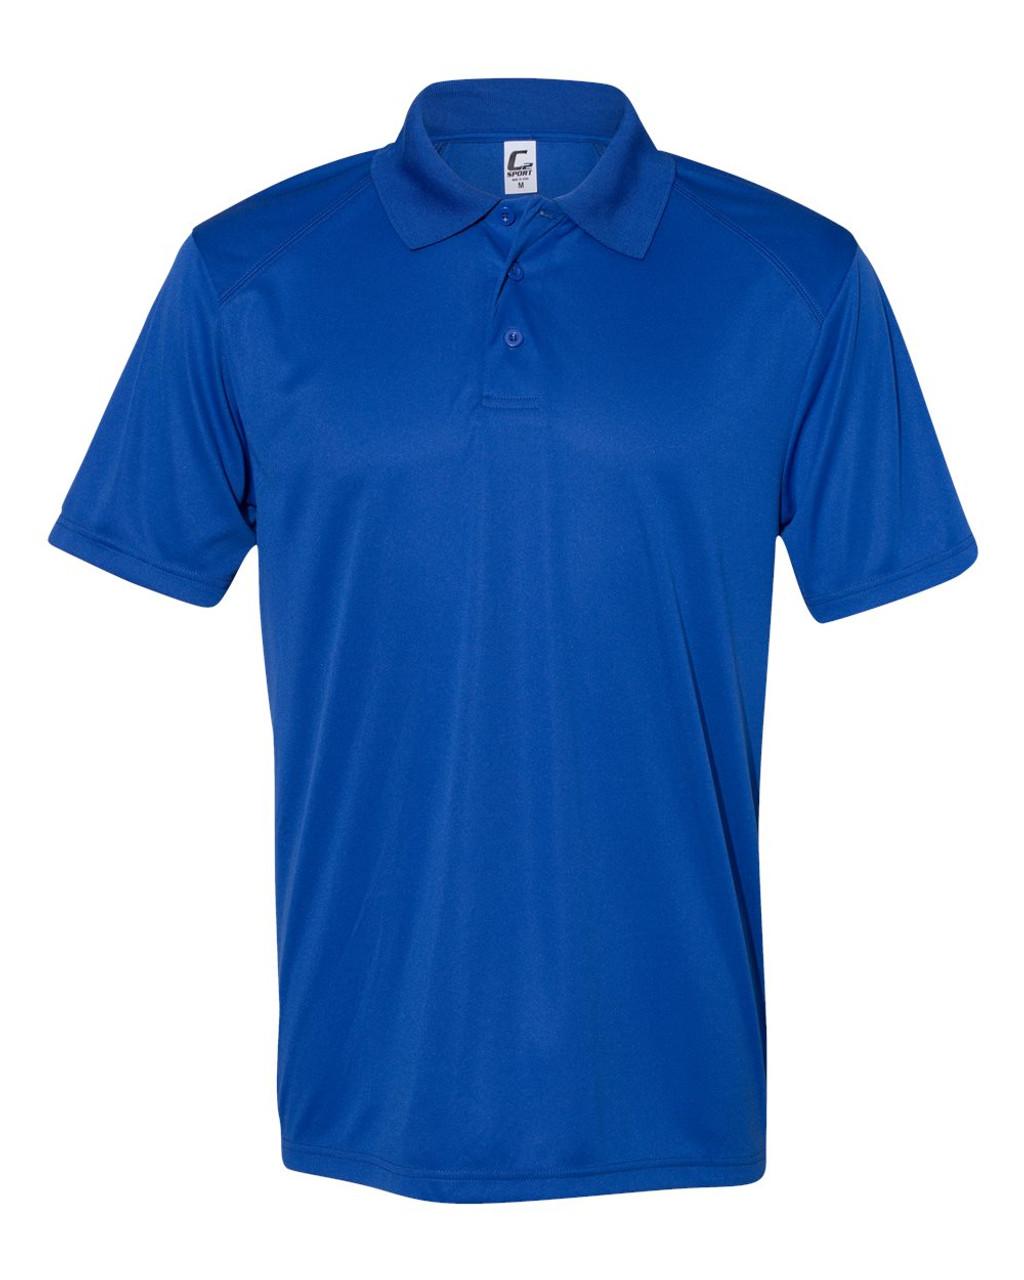 5900 C2 Sport Utility Sport Shirt | T-shirt.ca